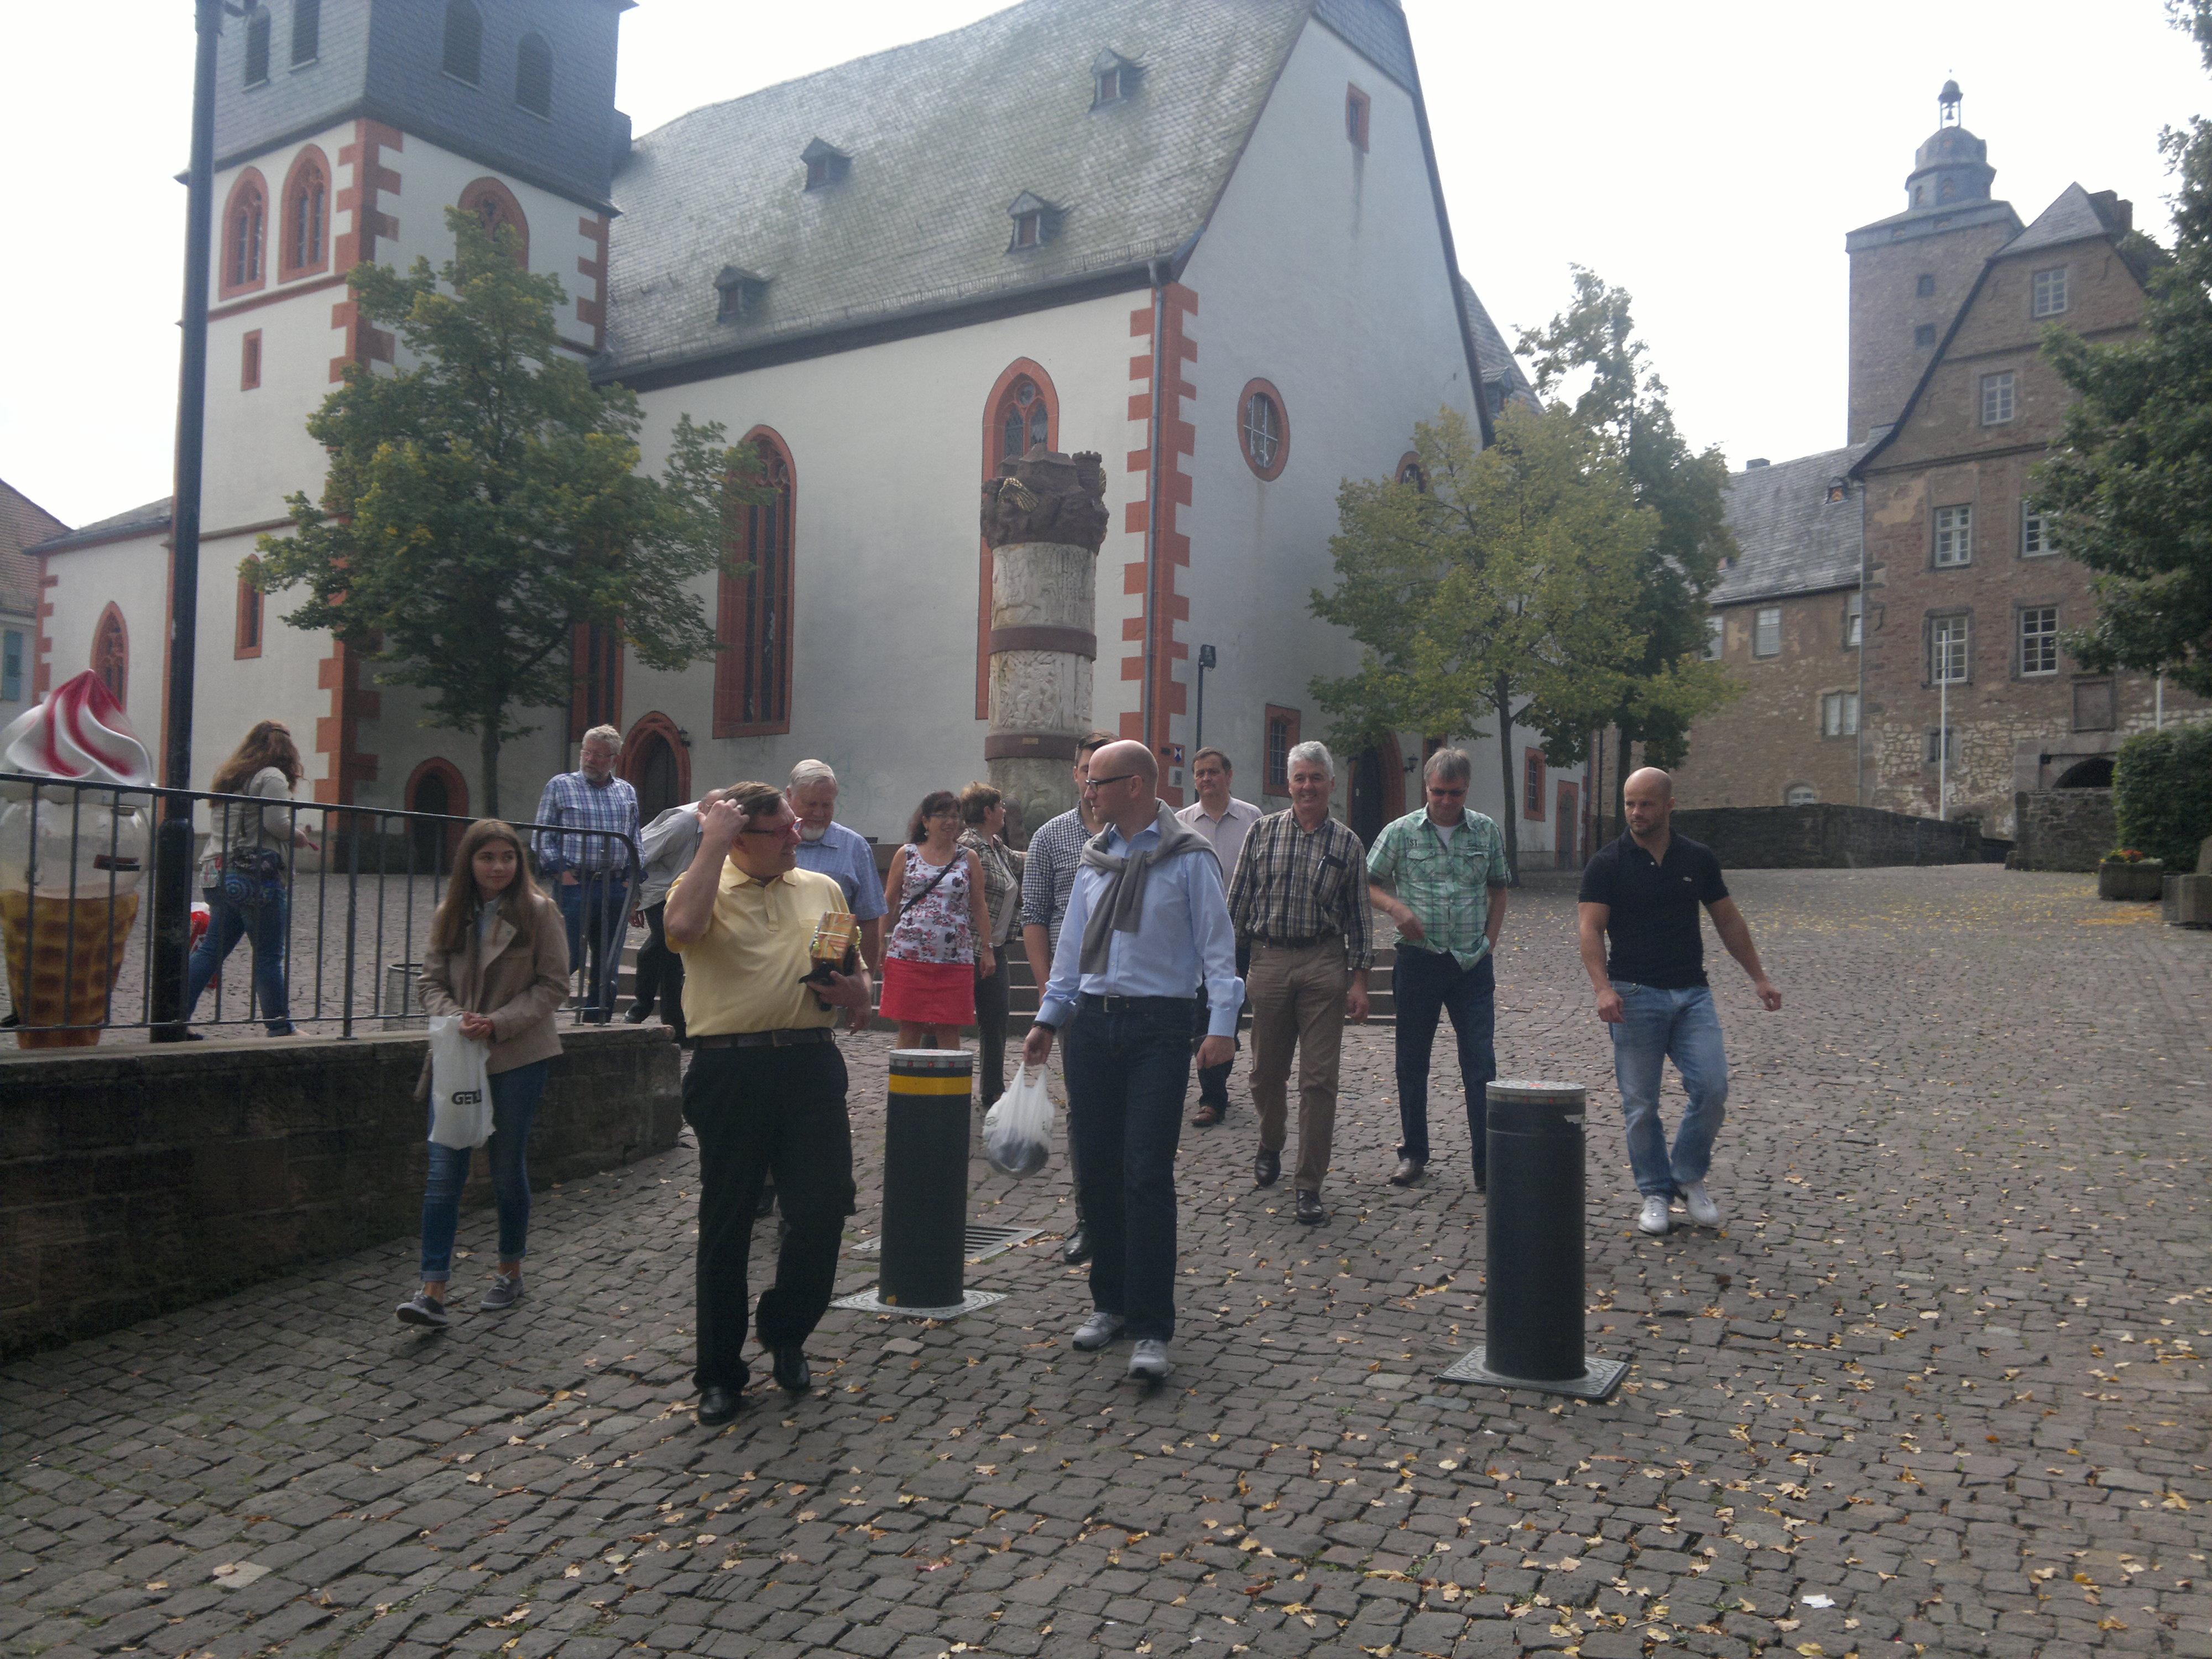 Antrittsbesuch bei Steinauer Bürgermeister Malte Jörg Uffeln